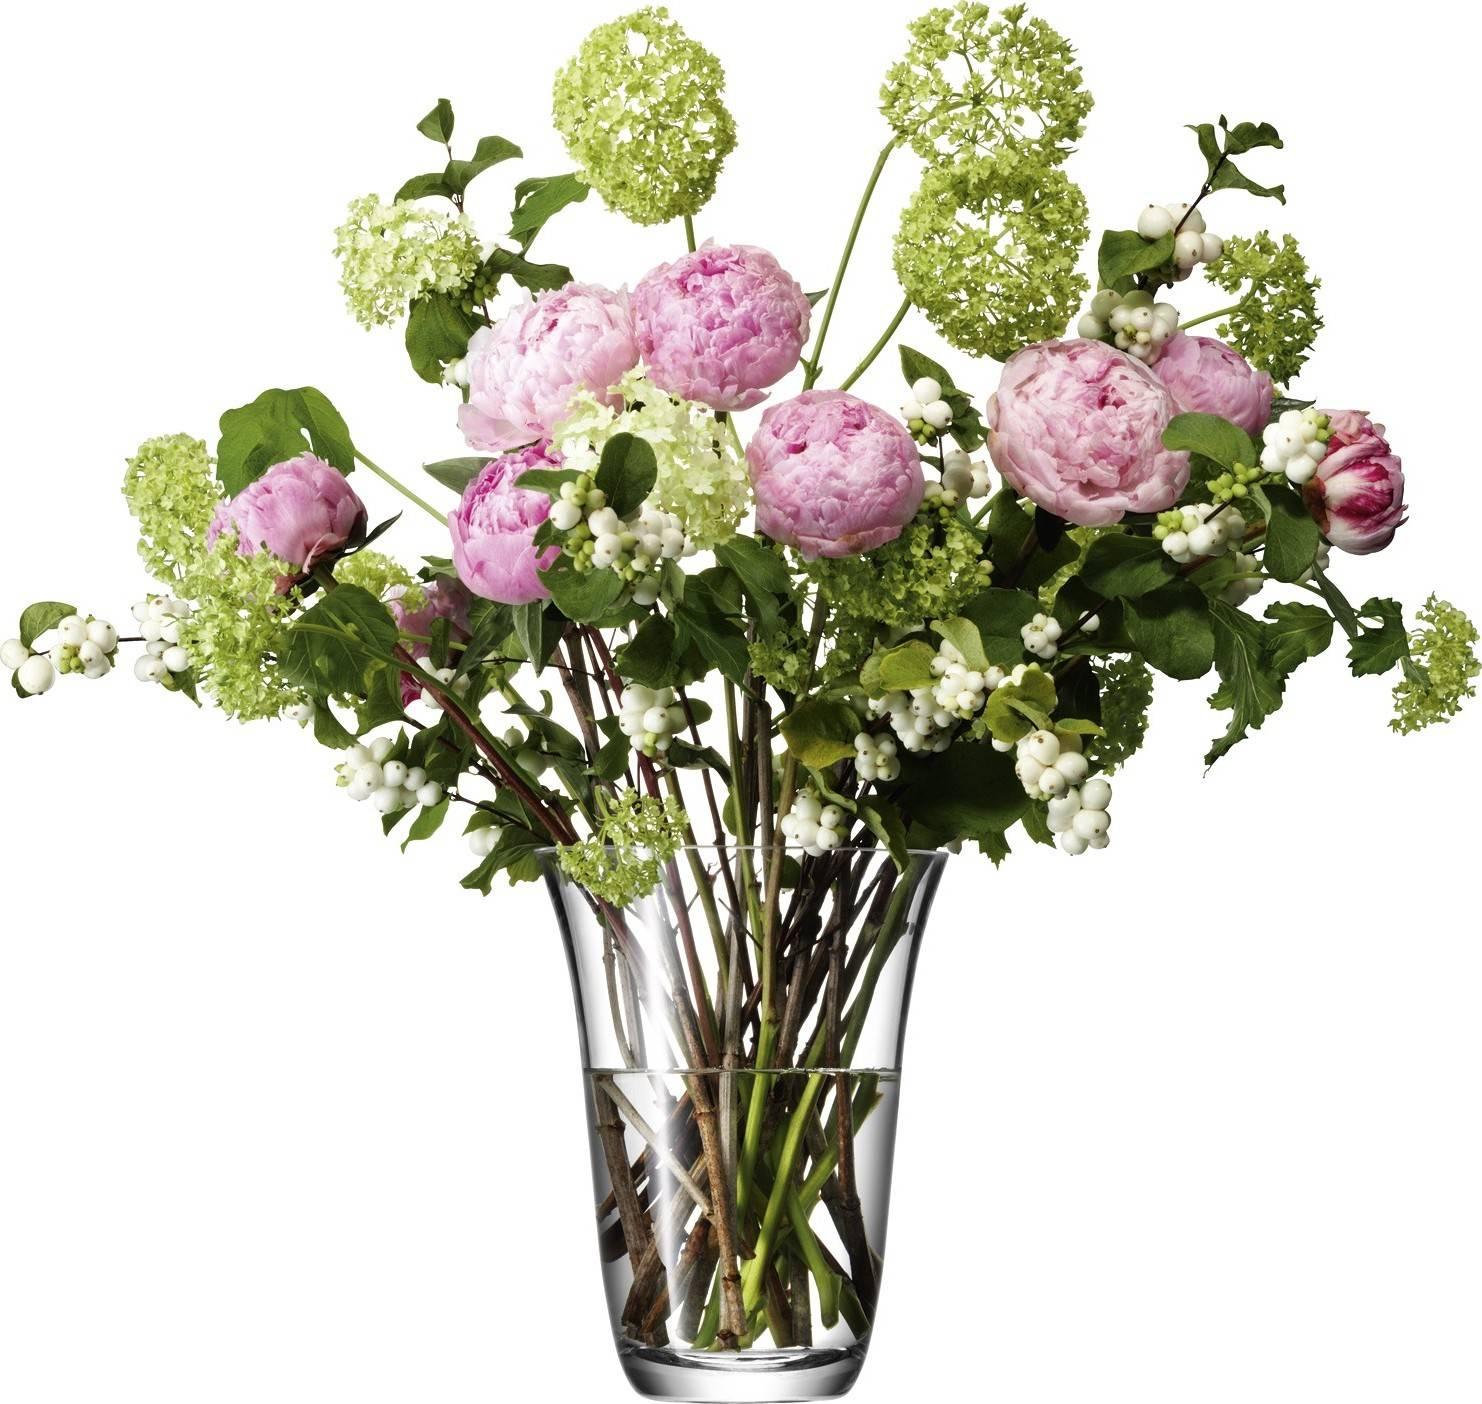 LSA Flower skleněná  váza otevřená, 23cm, čirá, Handmade G621-23-301 LSA International